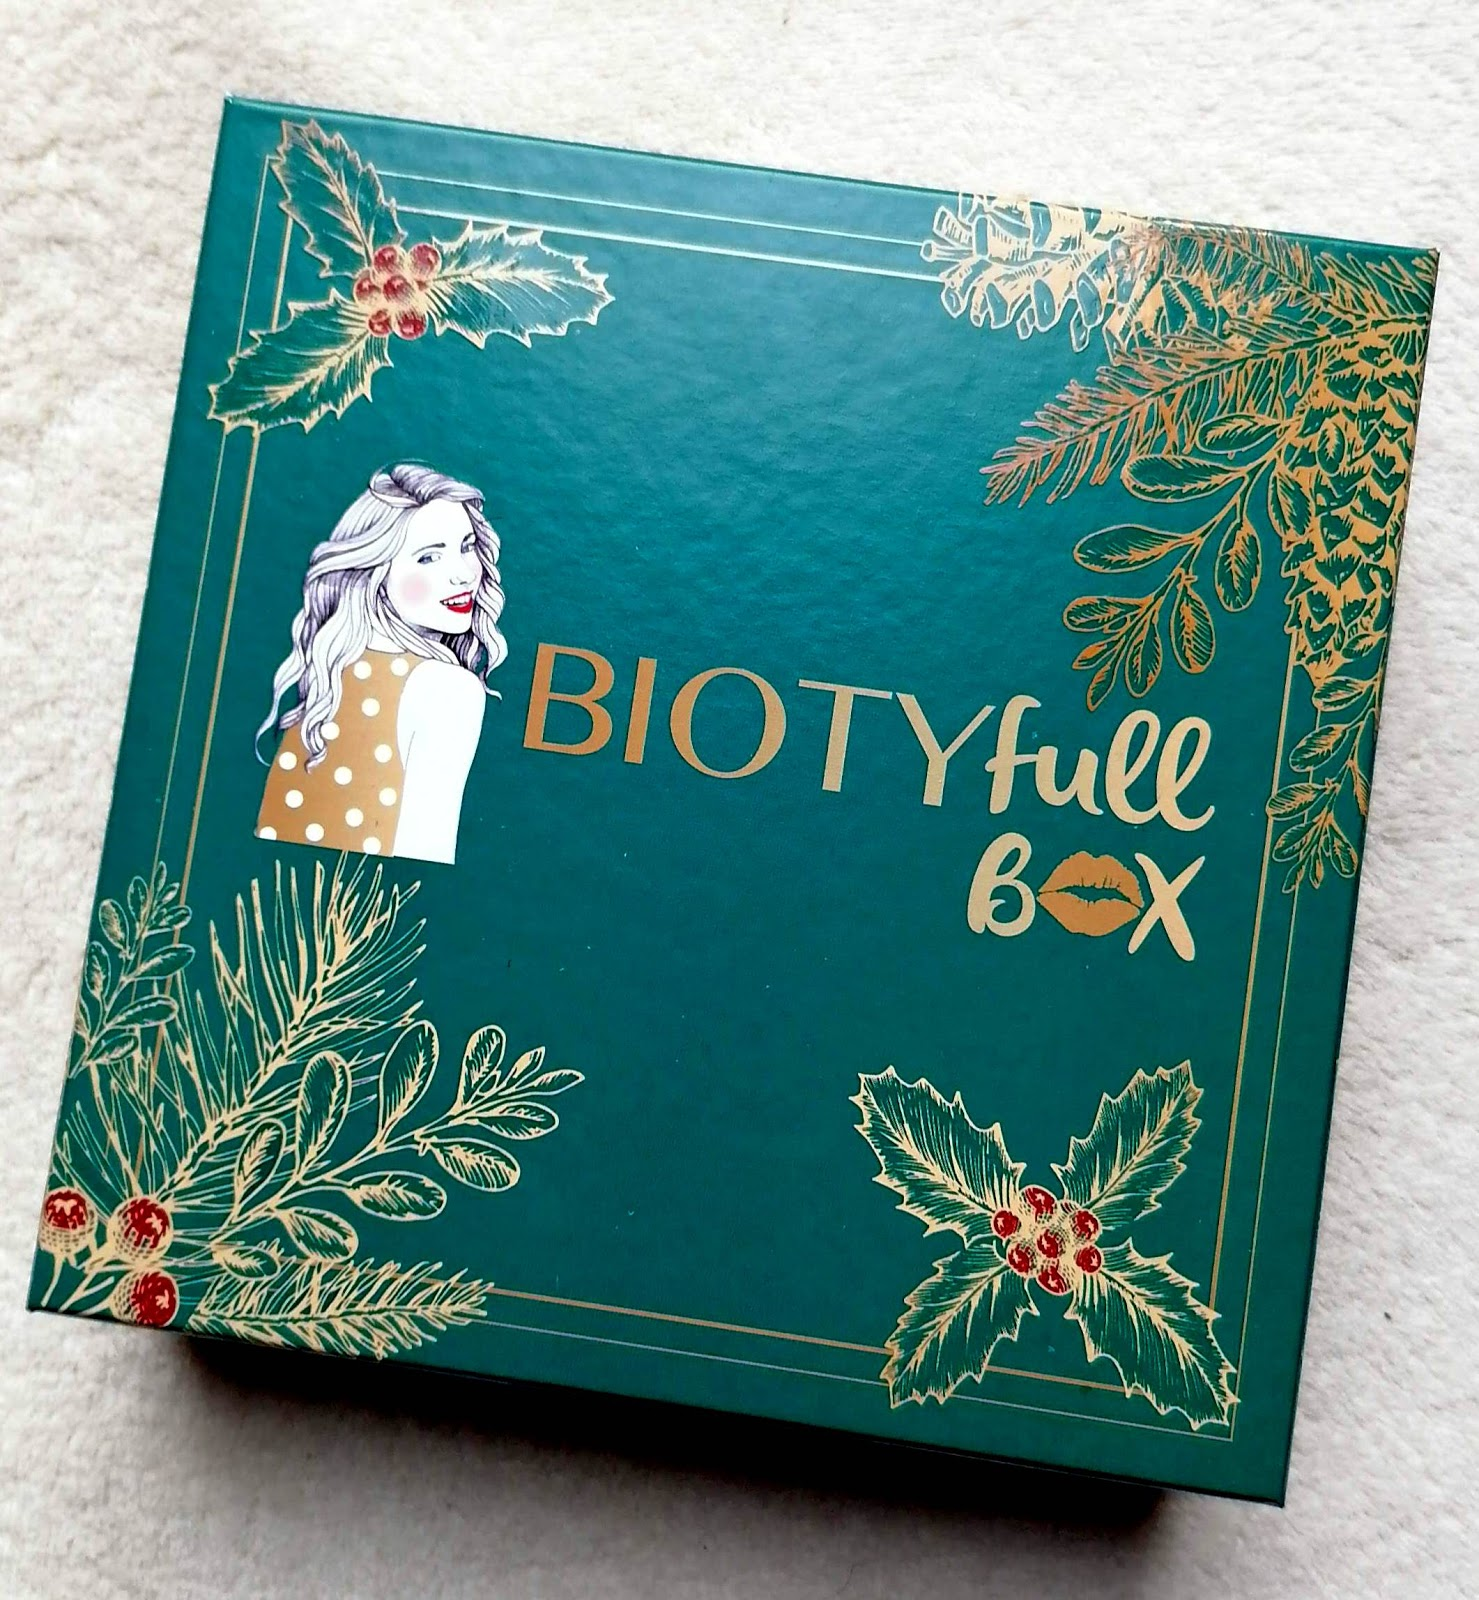 BIOTYFULL BOX Décembre 2019  La raffinée et scintillante!